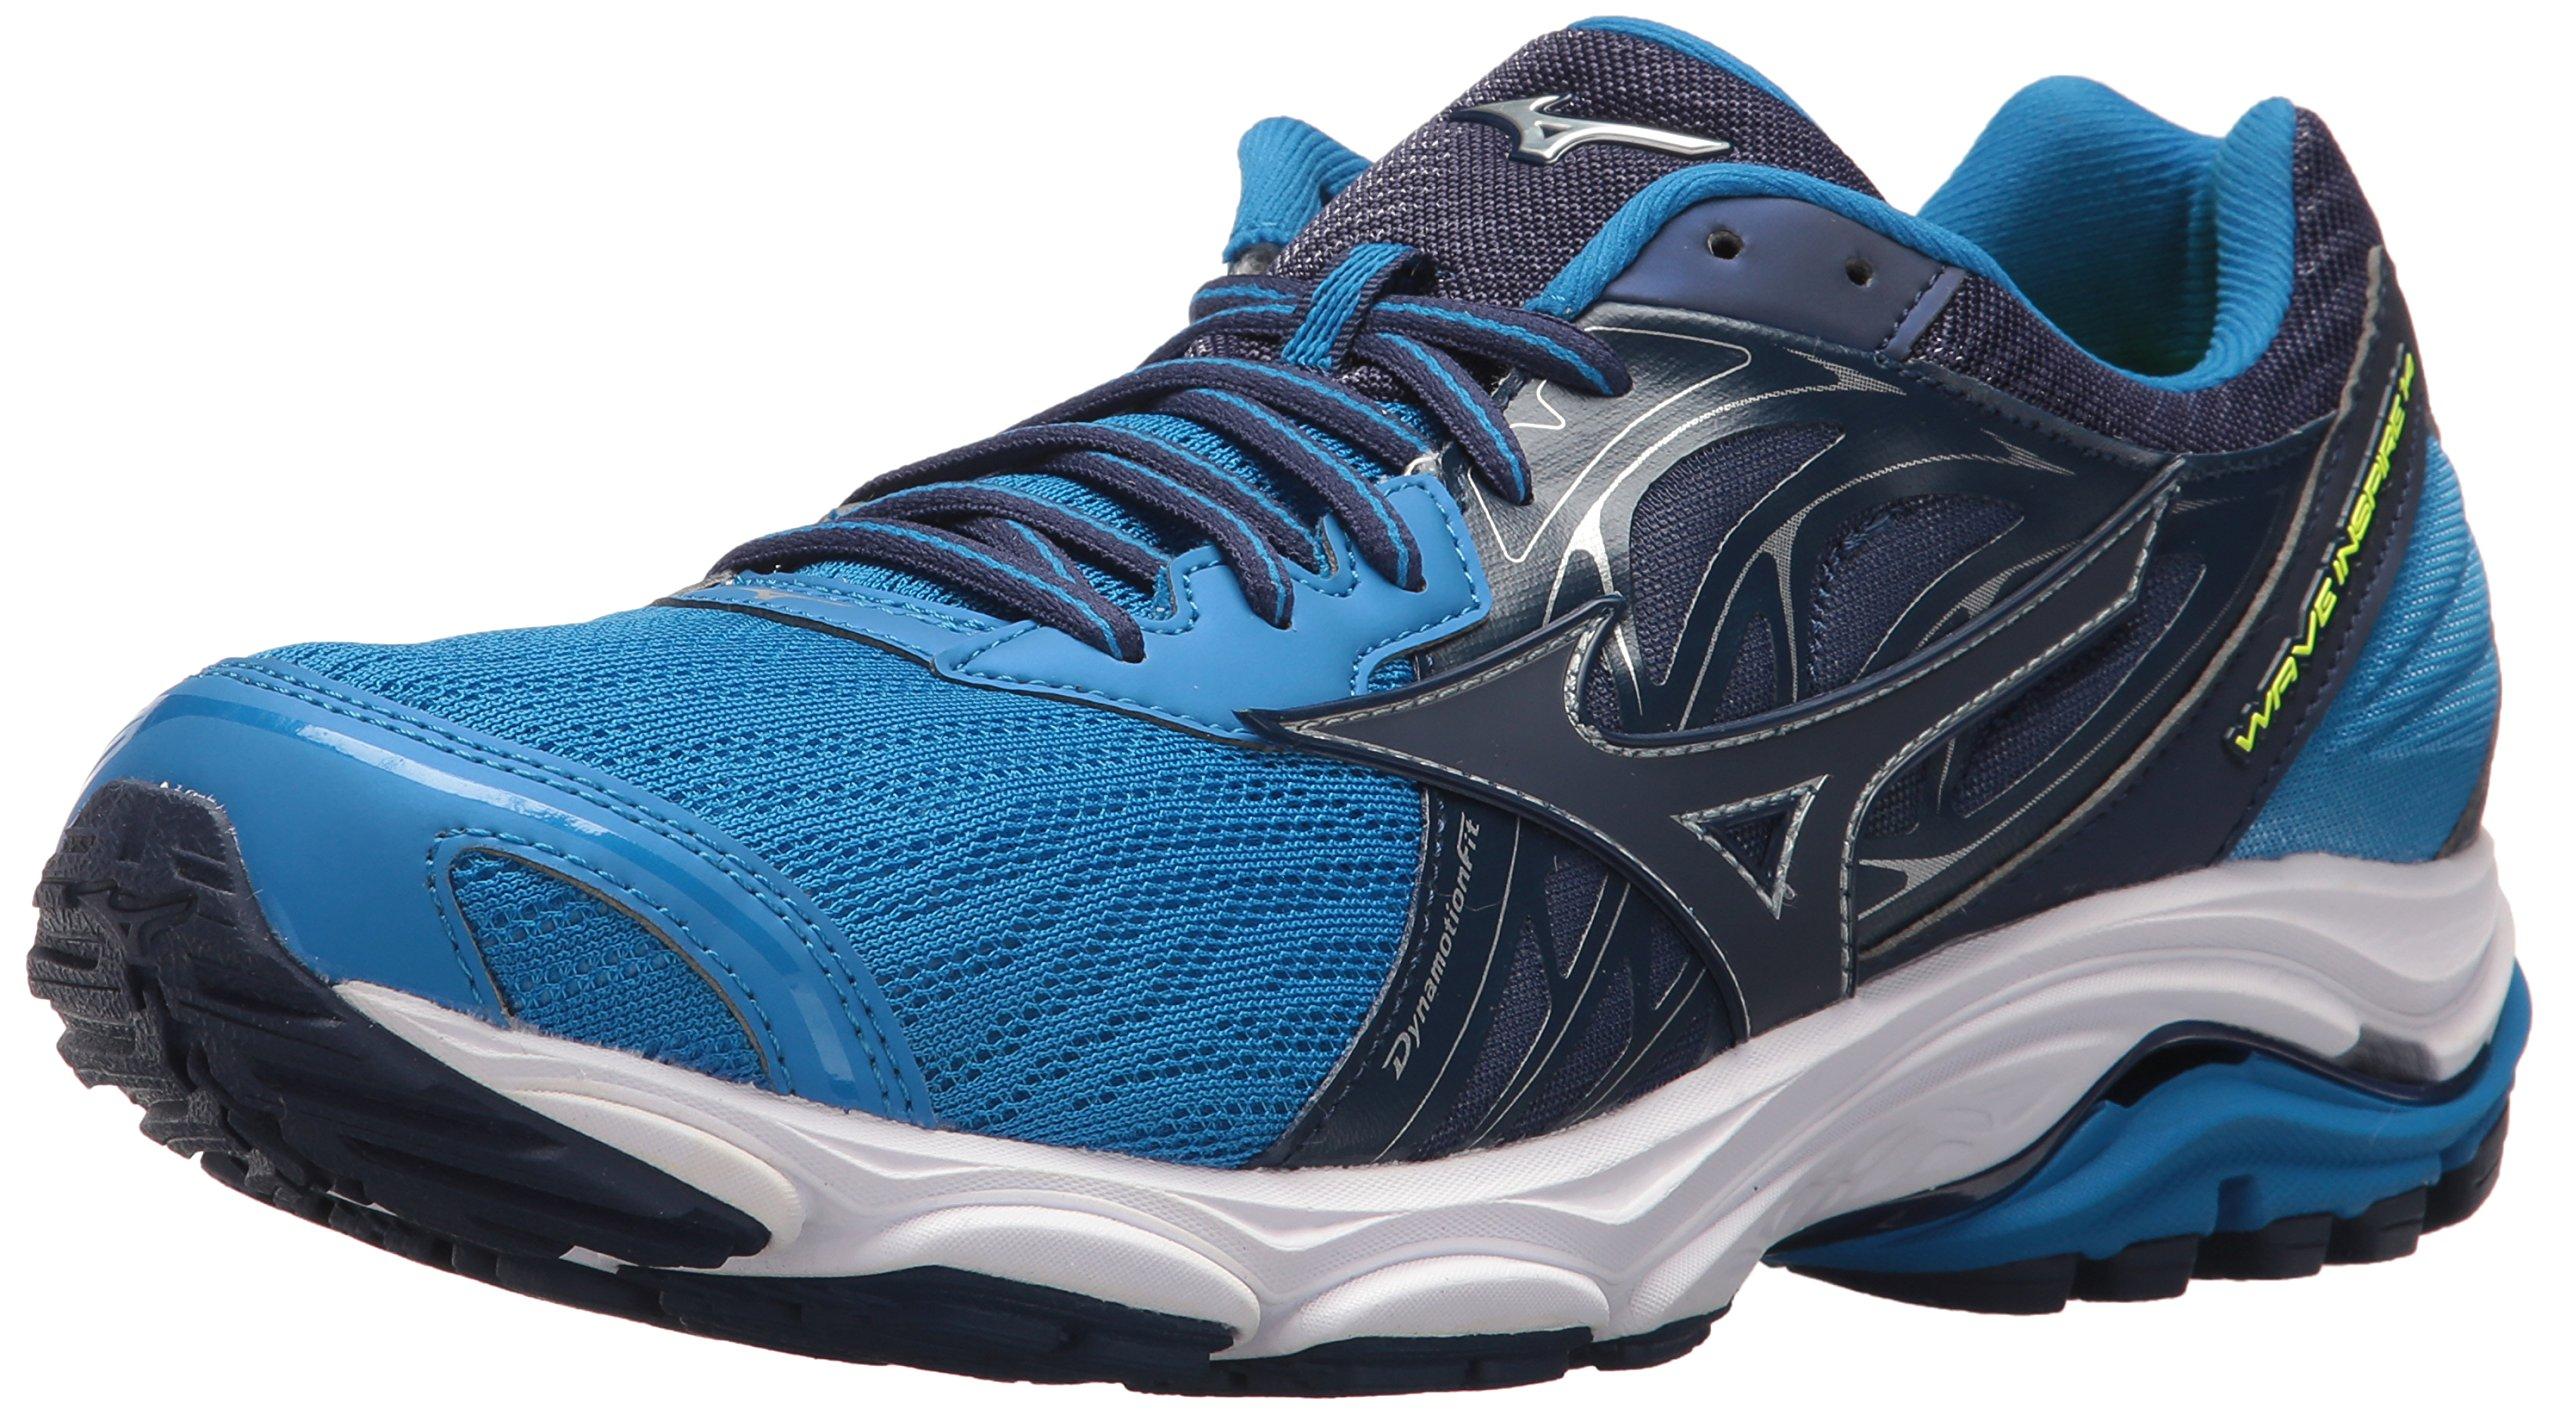 44514ba92b1 Galleon - Mizuno Men s Wave Inspire 14 Running Shoe